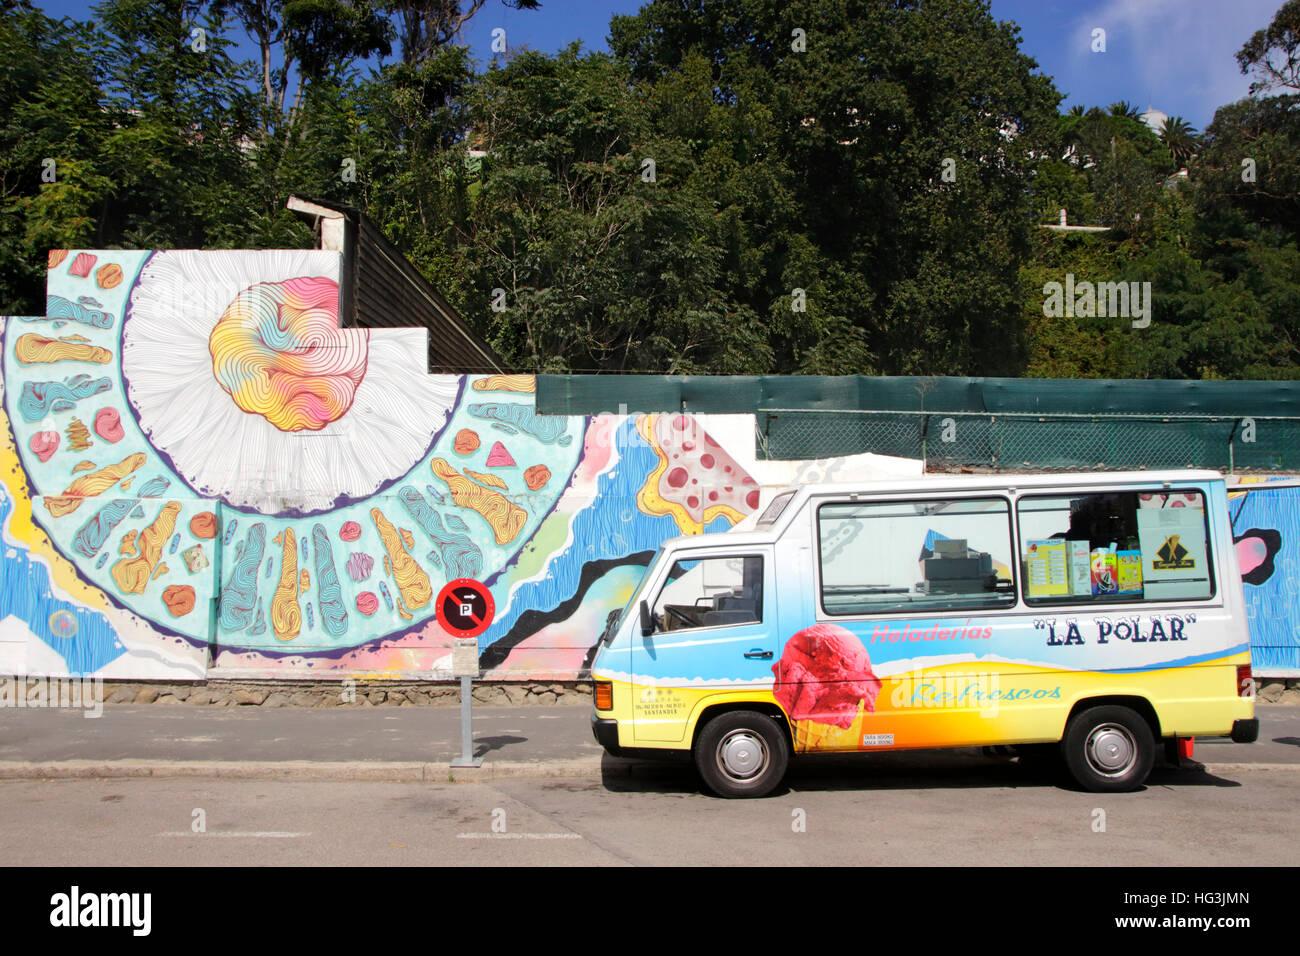 22b008fd78 Ice Cream Van and graffiti near the beach at Santander Spain Stock ...